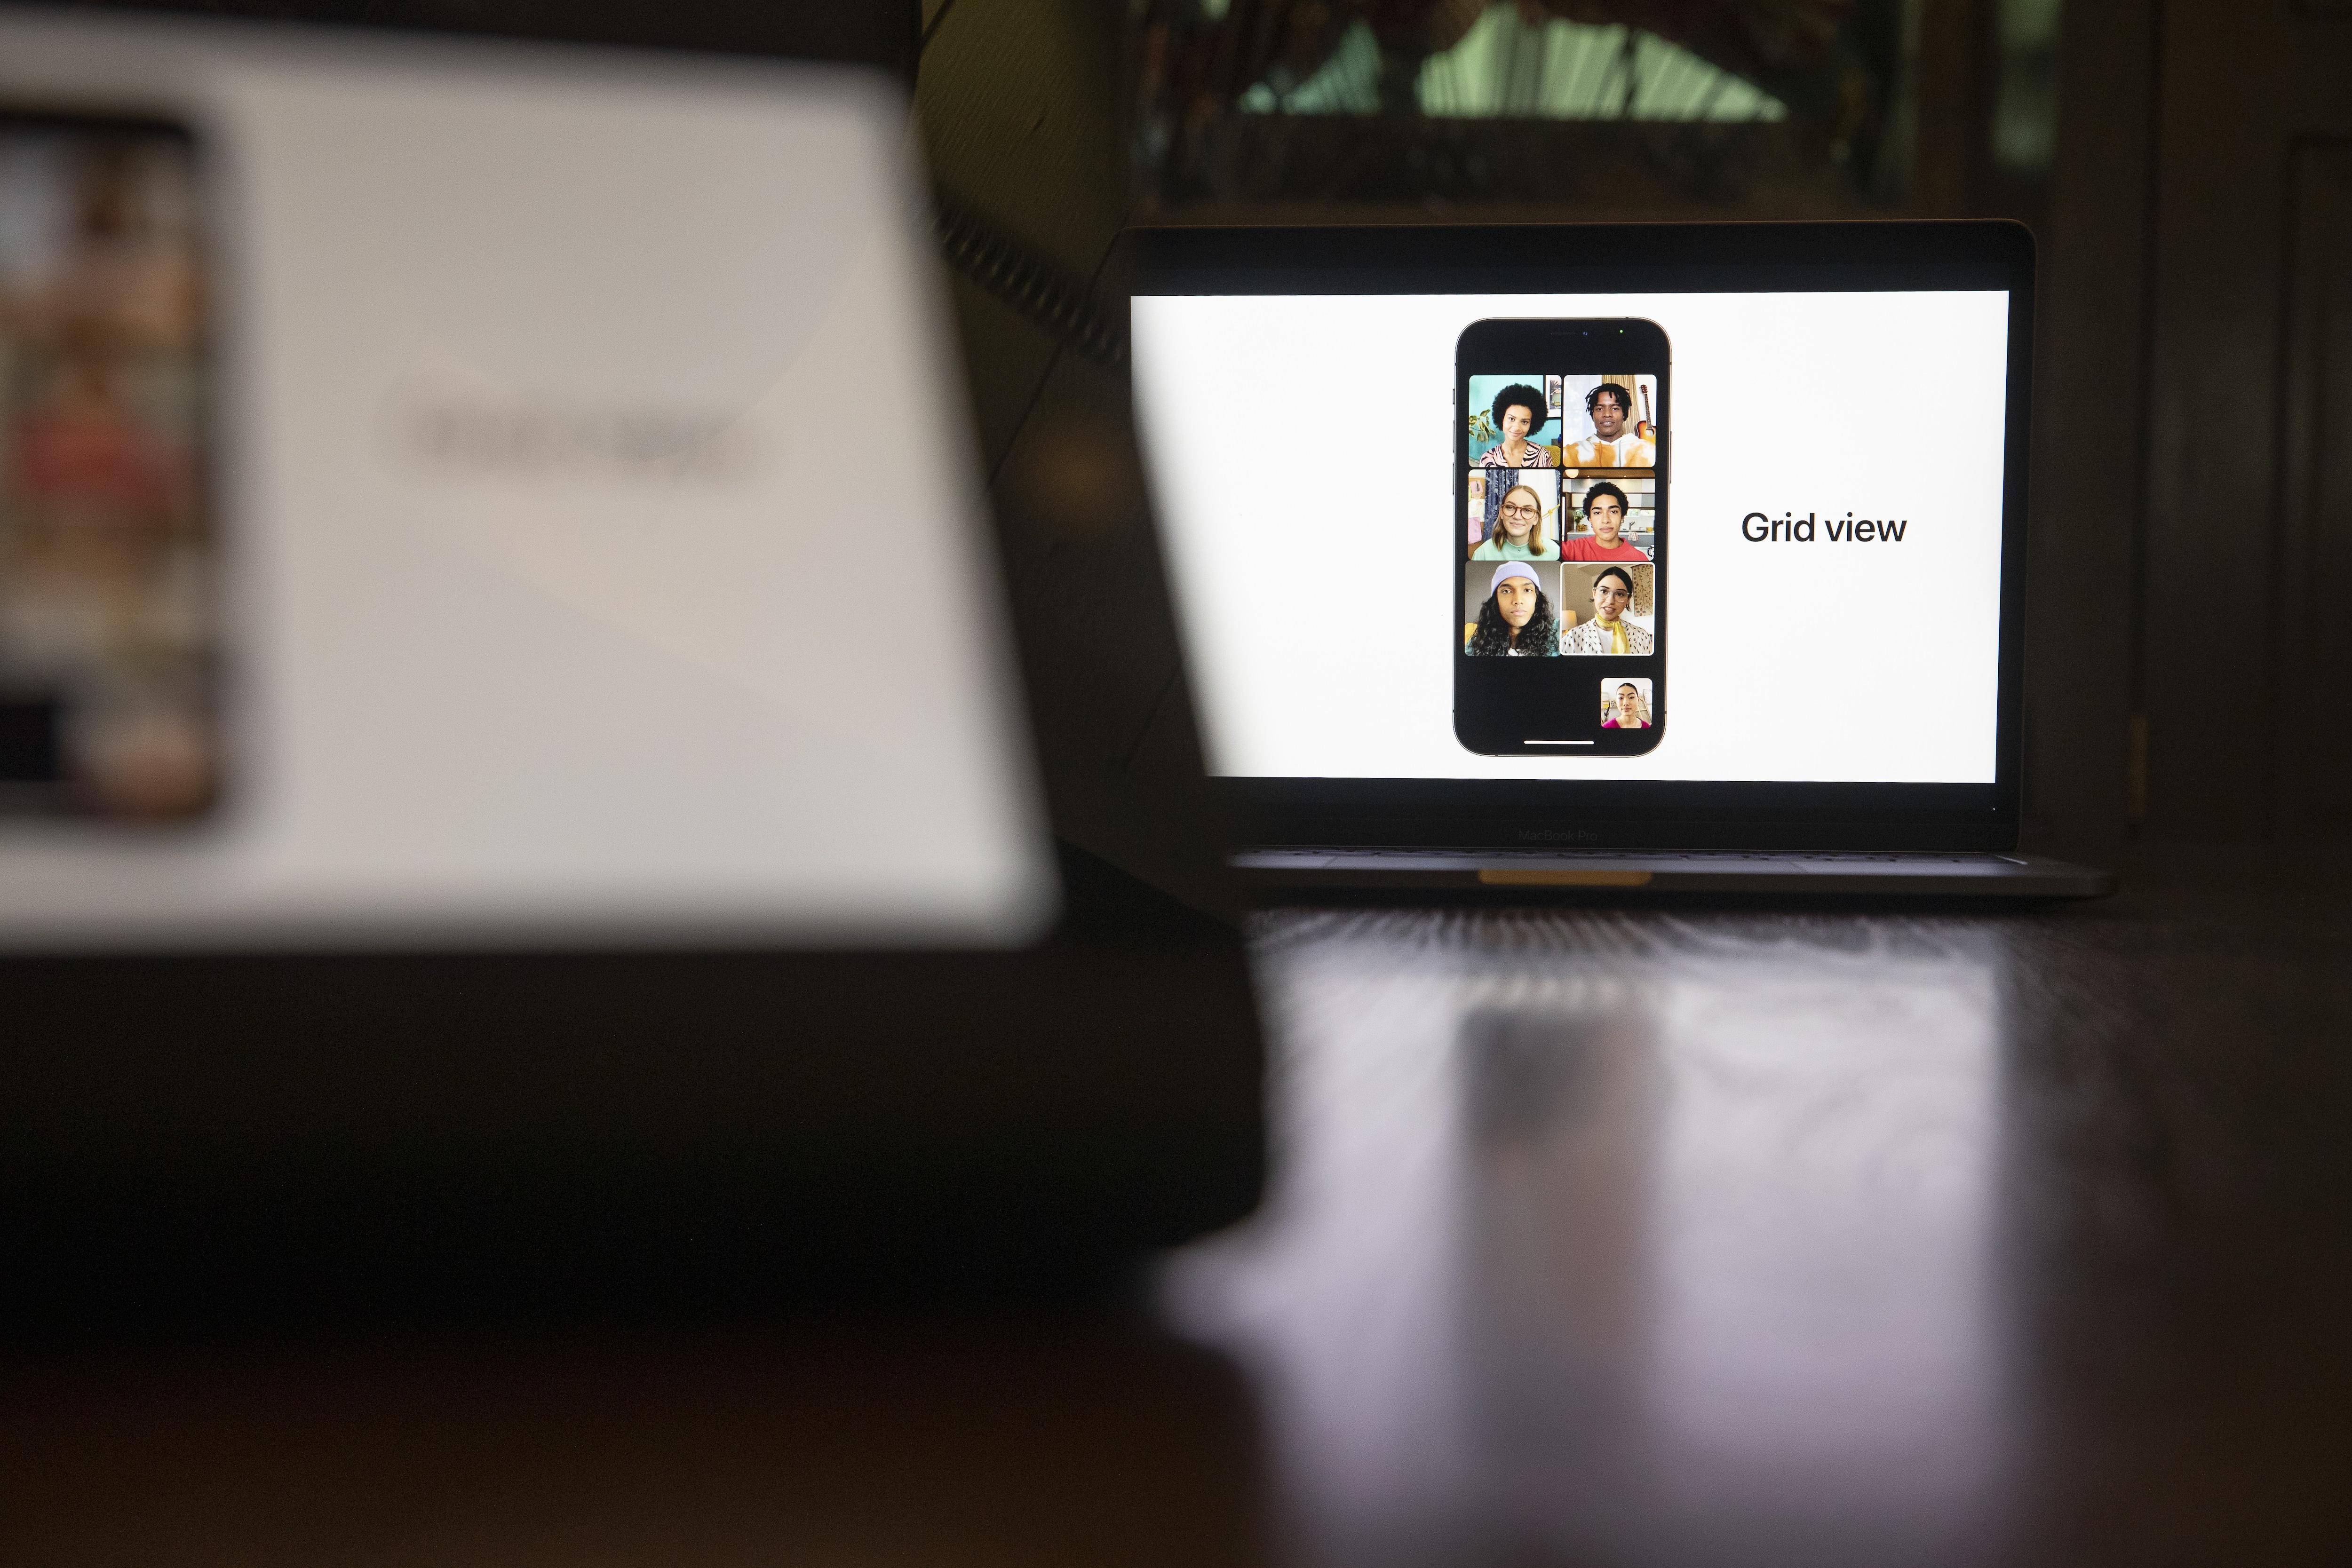 আইওএস (iOS 15)-এর গ্রিড ভিউ। (ছবি সৌজন্য ব্লুমবার্গ)